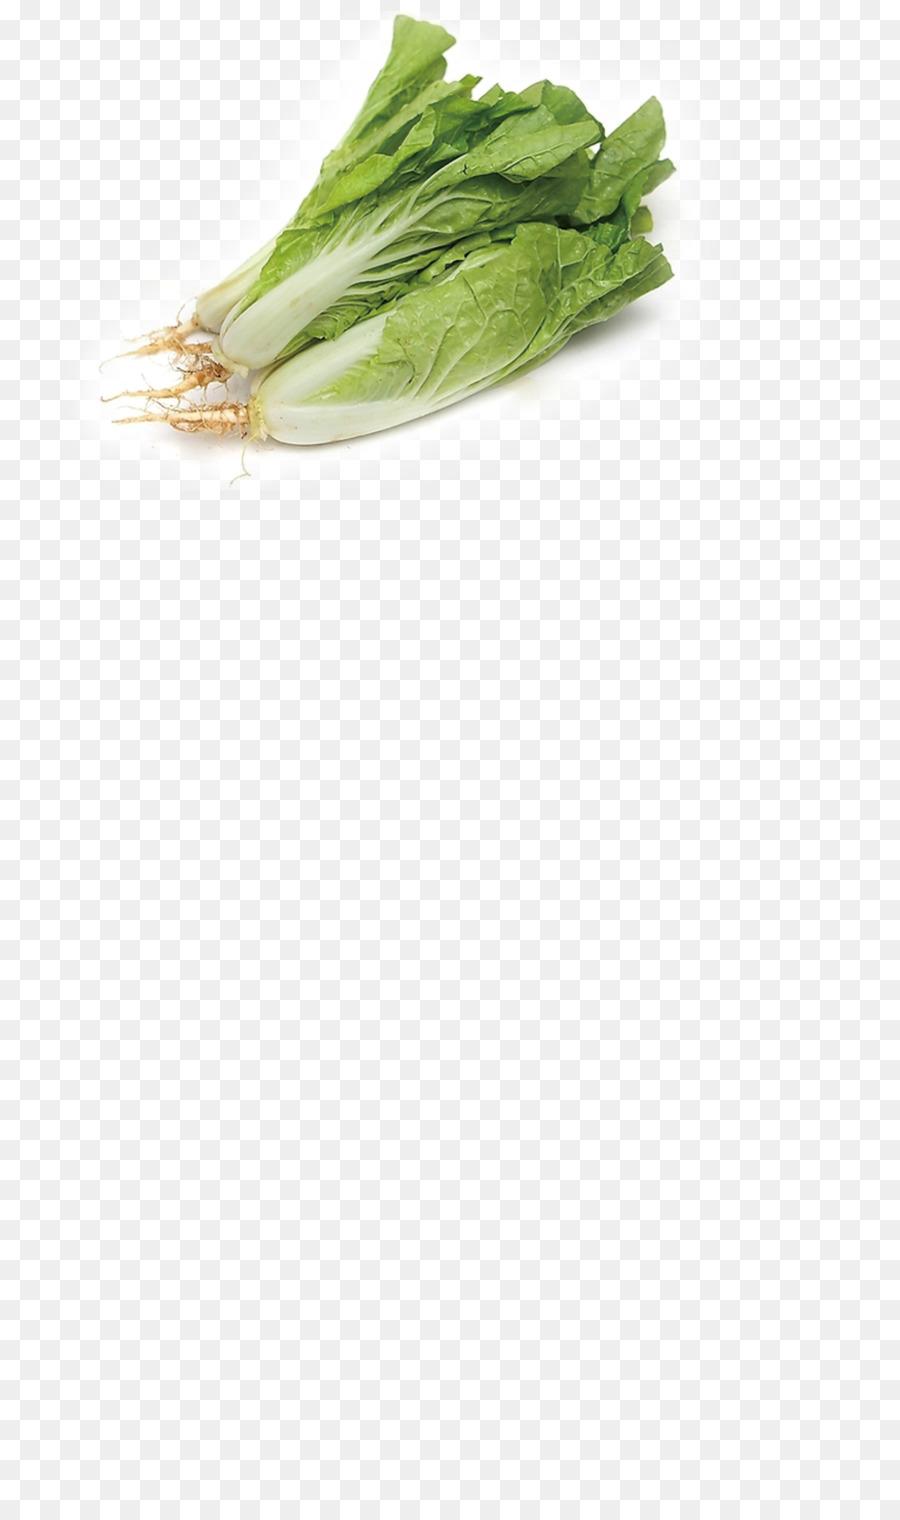 Descarga gratuita de Brassica Juncea, Bok Choy, Vegetal imágenes PNG